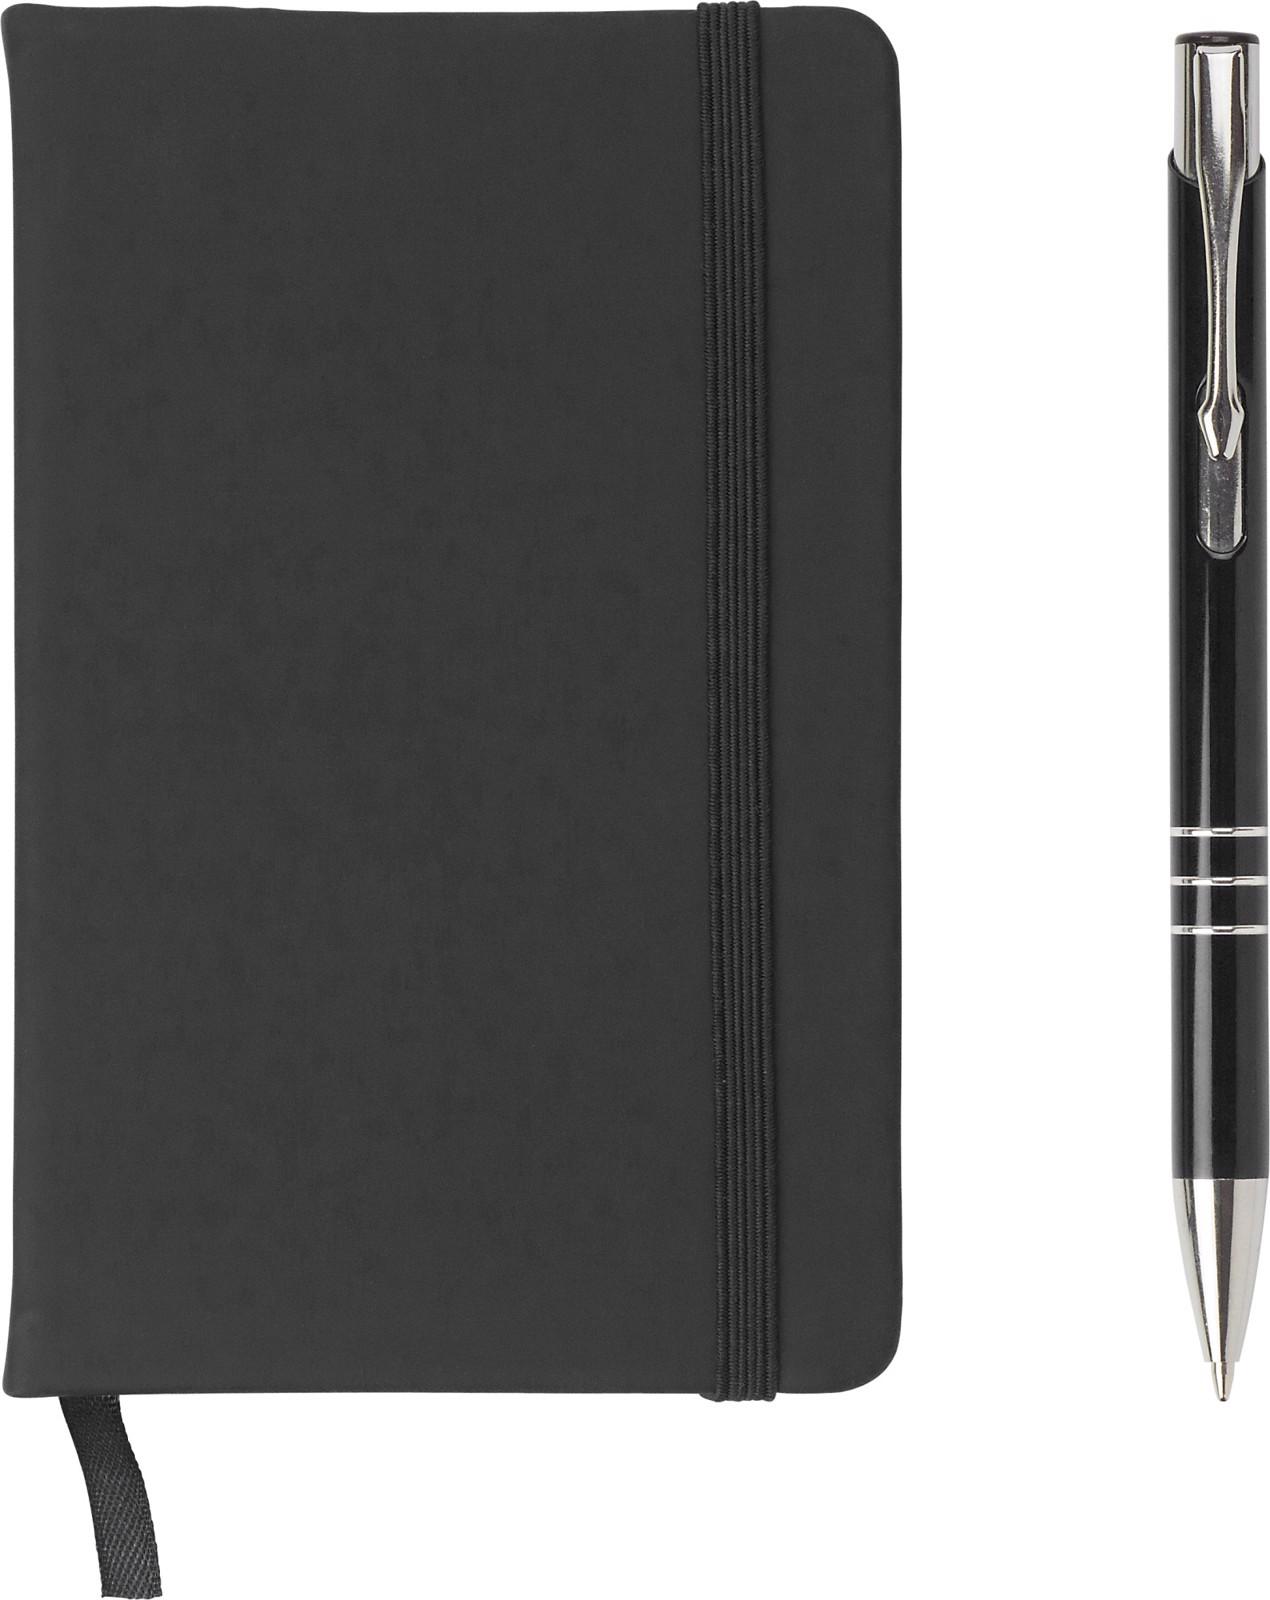 PU notebook with aluminium ballpen - Black